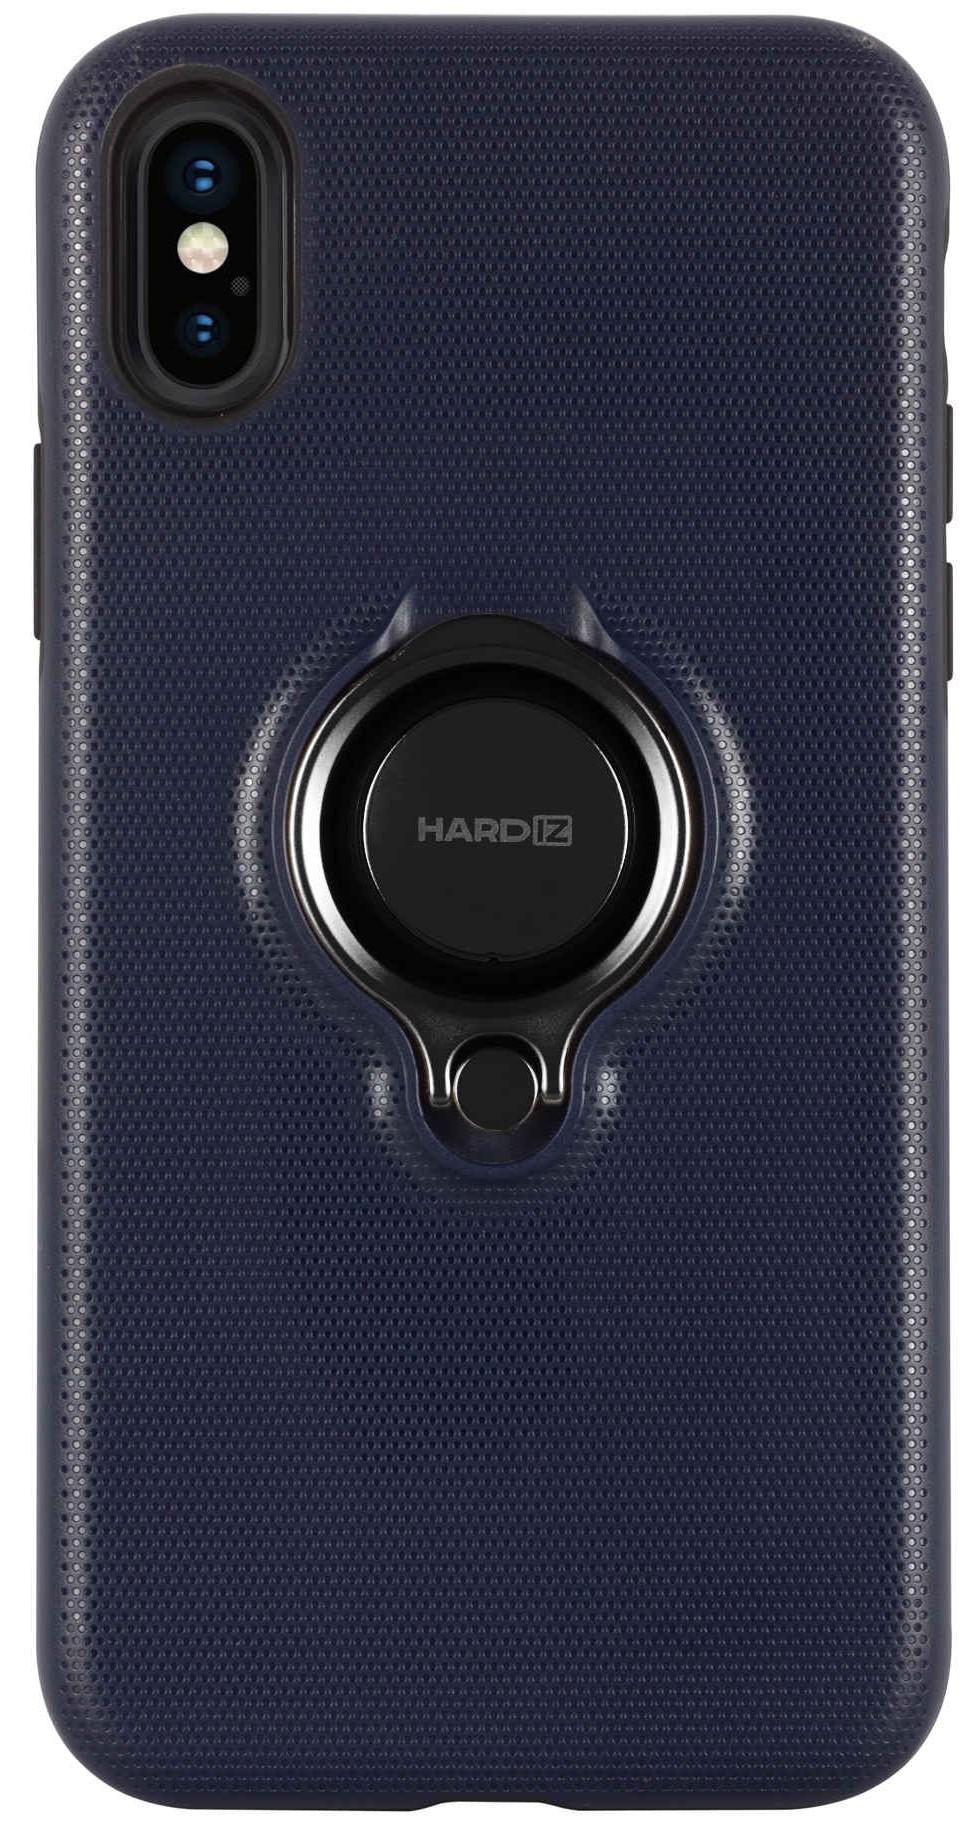 Фото - Клип-кейс Hardiz для Apple iPhone XS Urban с кольцом Blue видео